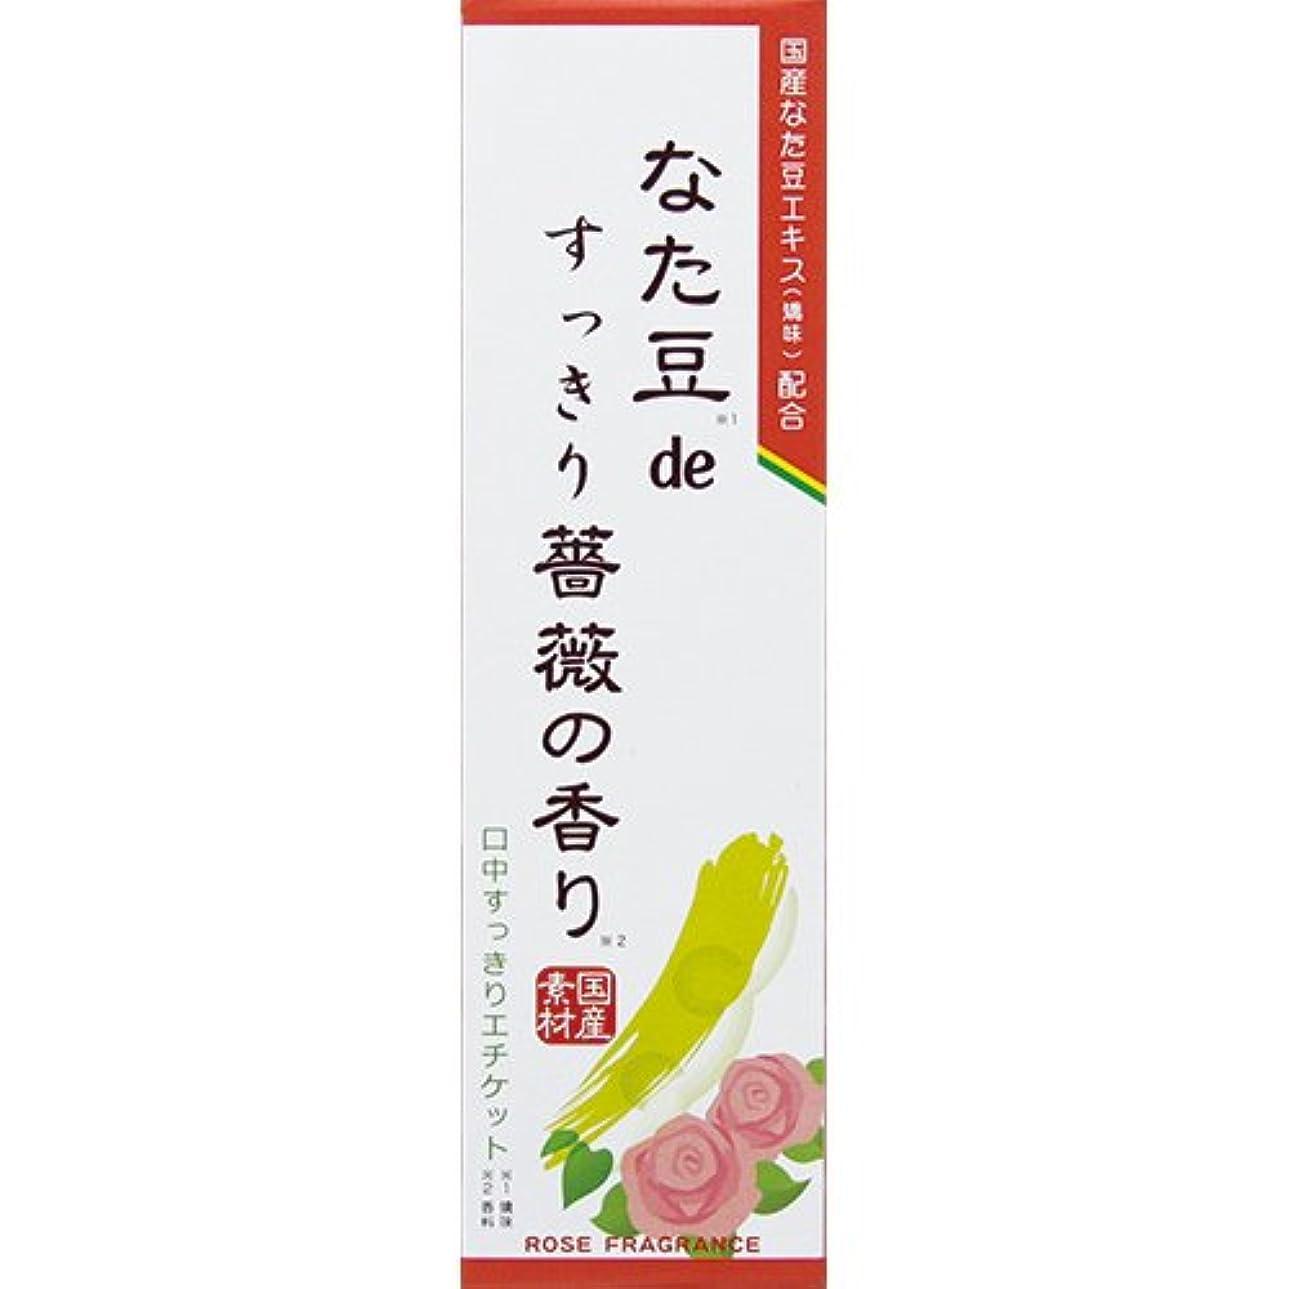 なた豆deすっきり薔薇の香り 120g